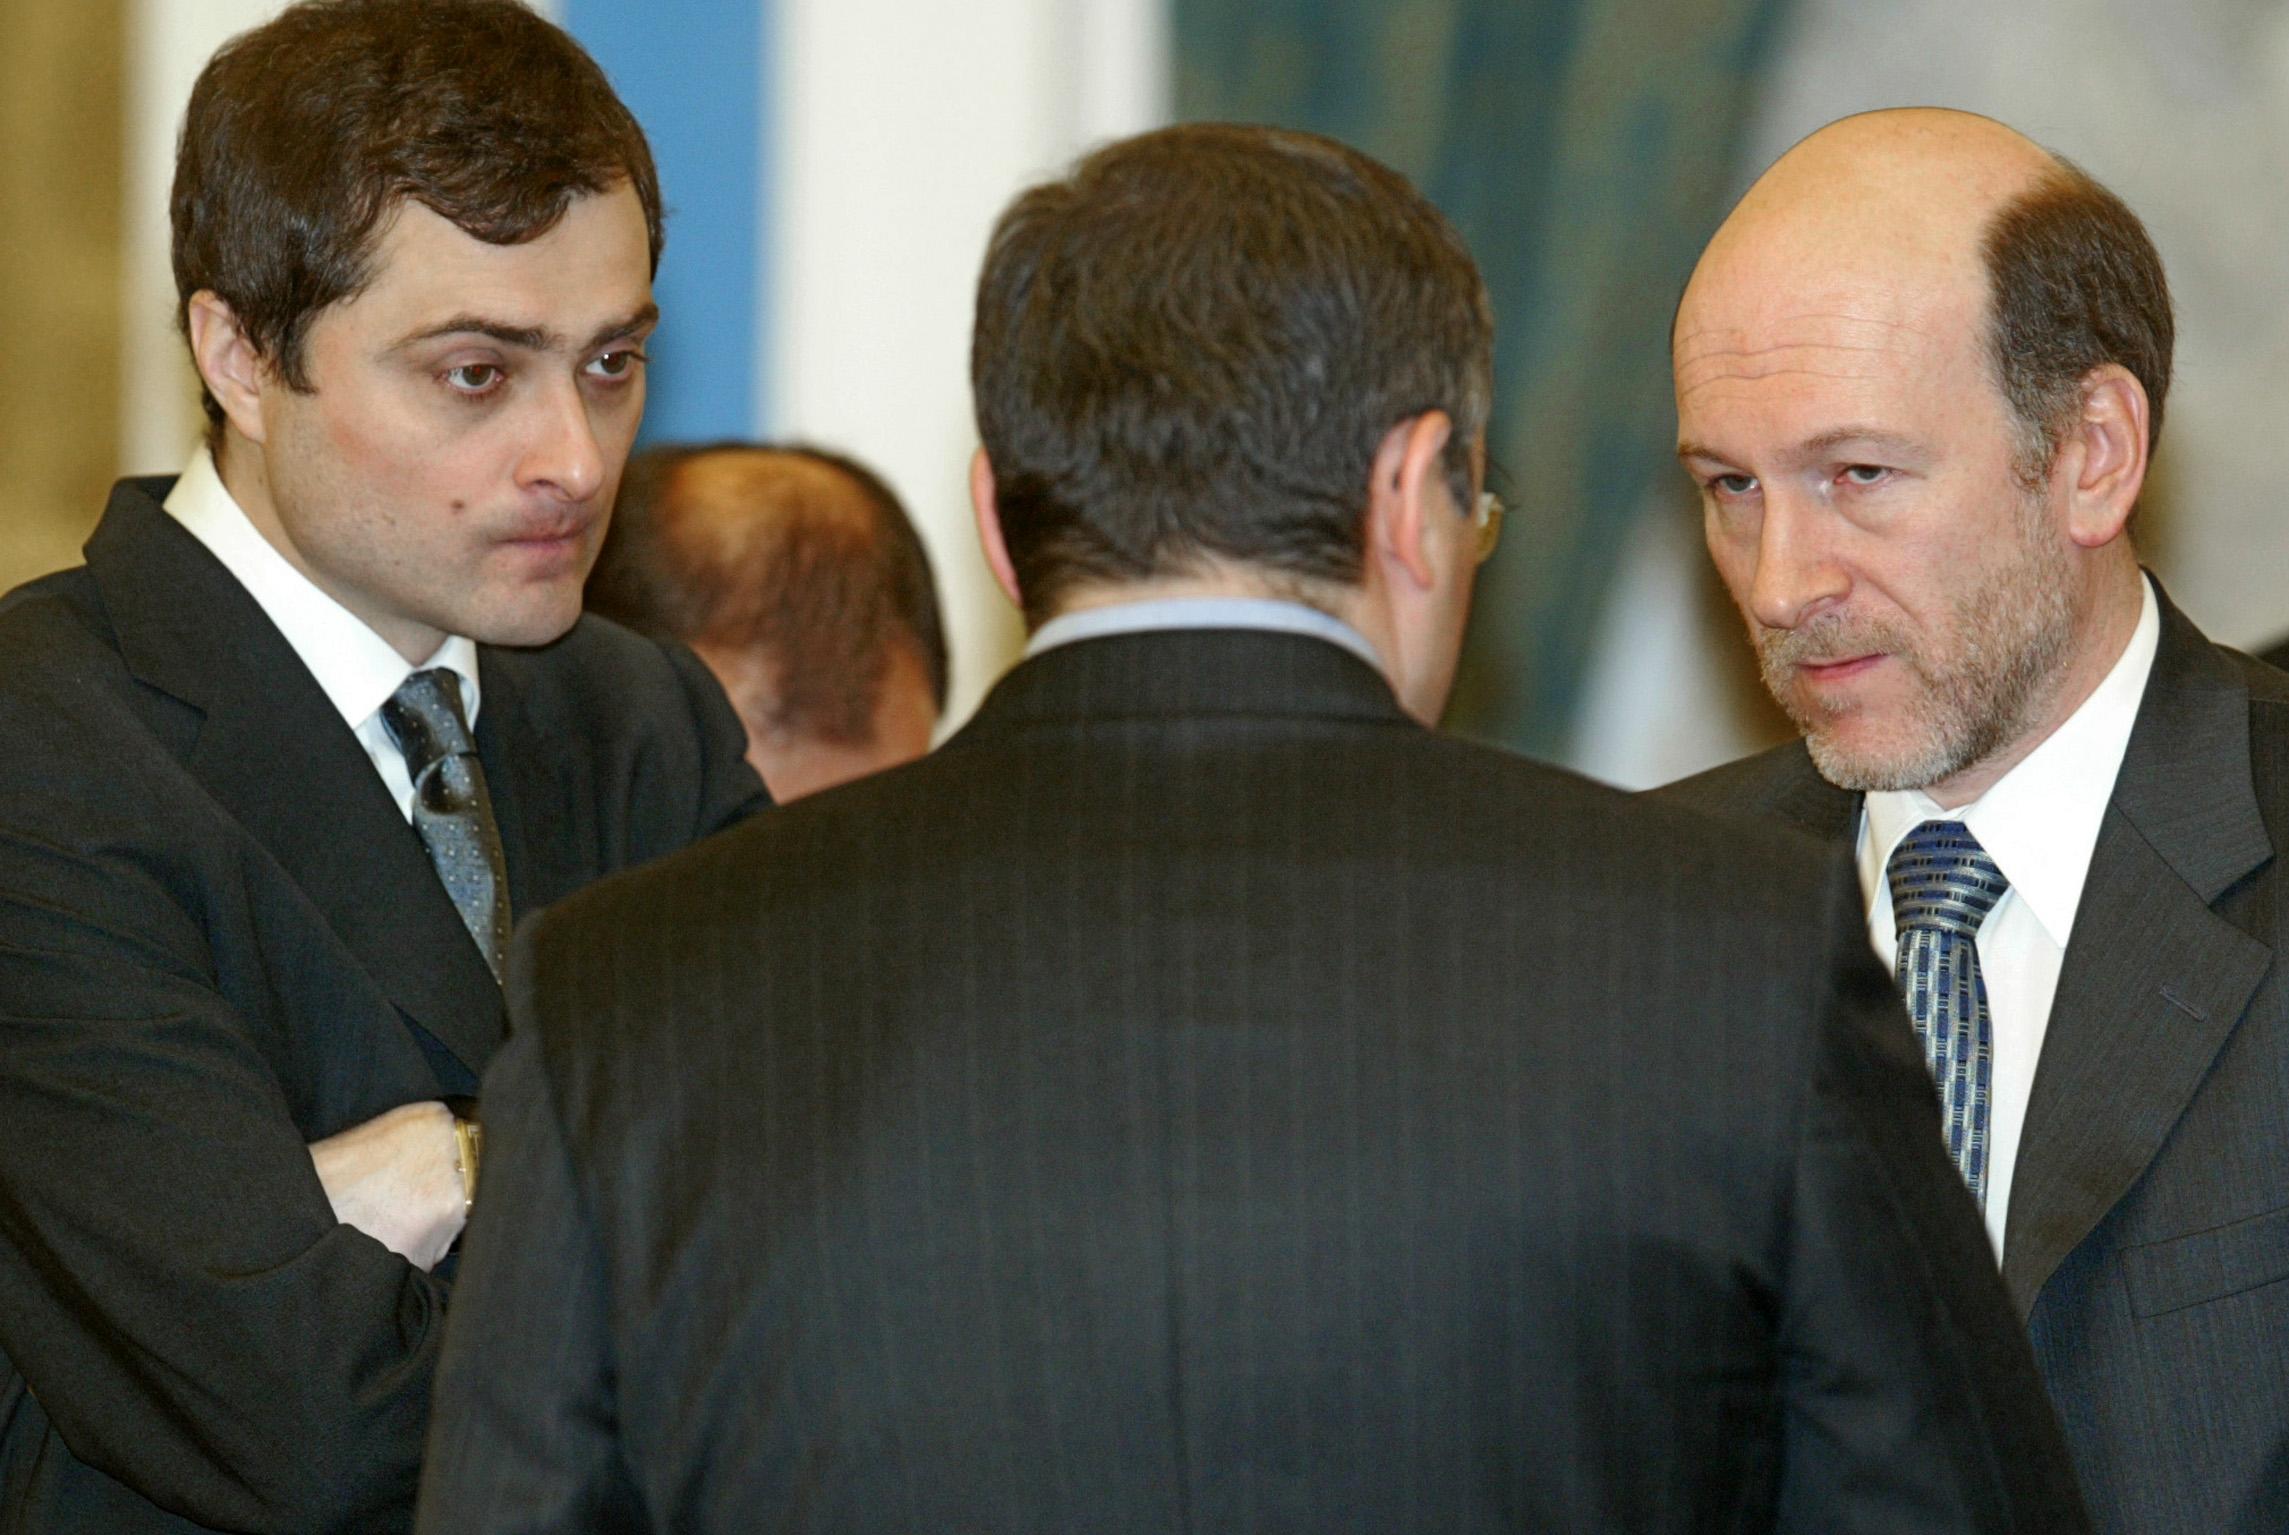 Seine Karriere begann Wladislaw Surkow (l.) Ende der 1980er-Jahre als Leibwächter von Chodorkowski (Mitte). Auf dem Bild ist er bereits stellvertretender Leiter der Präsidialverwaltung, hier mit seinem Chef Alexander Woloschin (r.) auf einem Empfang für Unternehmer im Februar 2003 im Kreml.